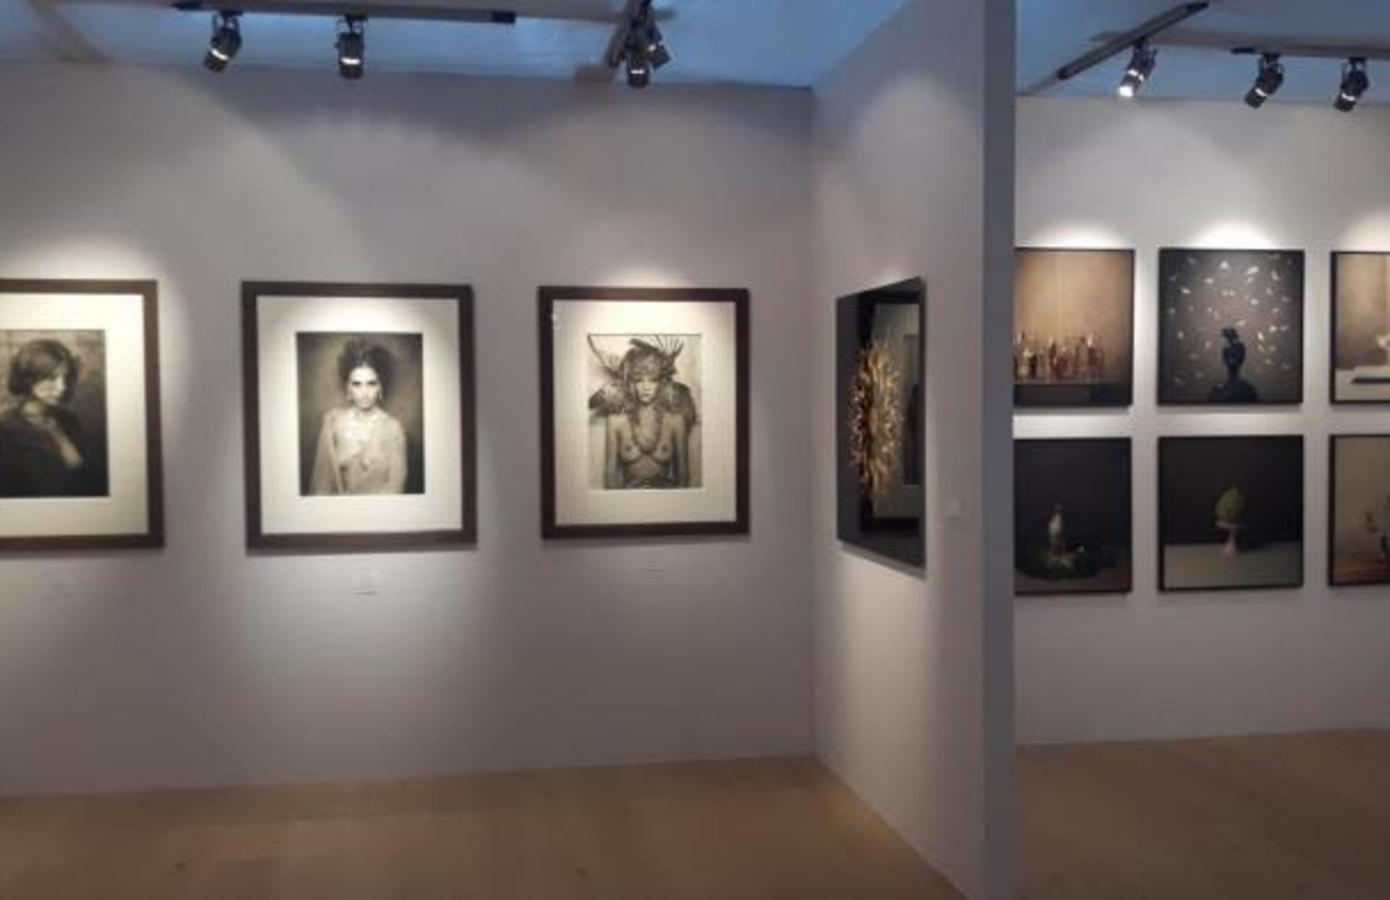 PAN Amsterdam, Marc Lagrange, Gavin Rain, Paul Rousso, Zhuang Hong Yi, Irene Zundel,